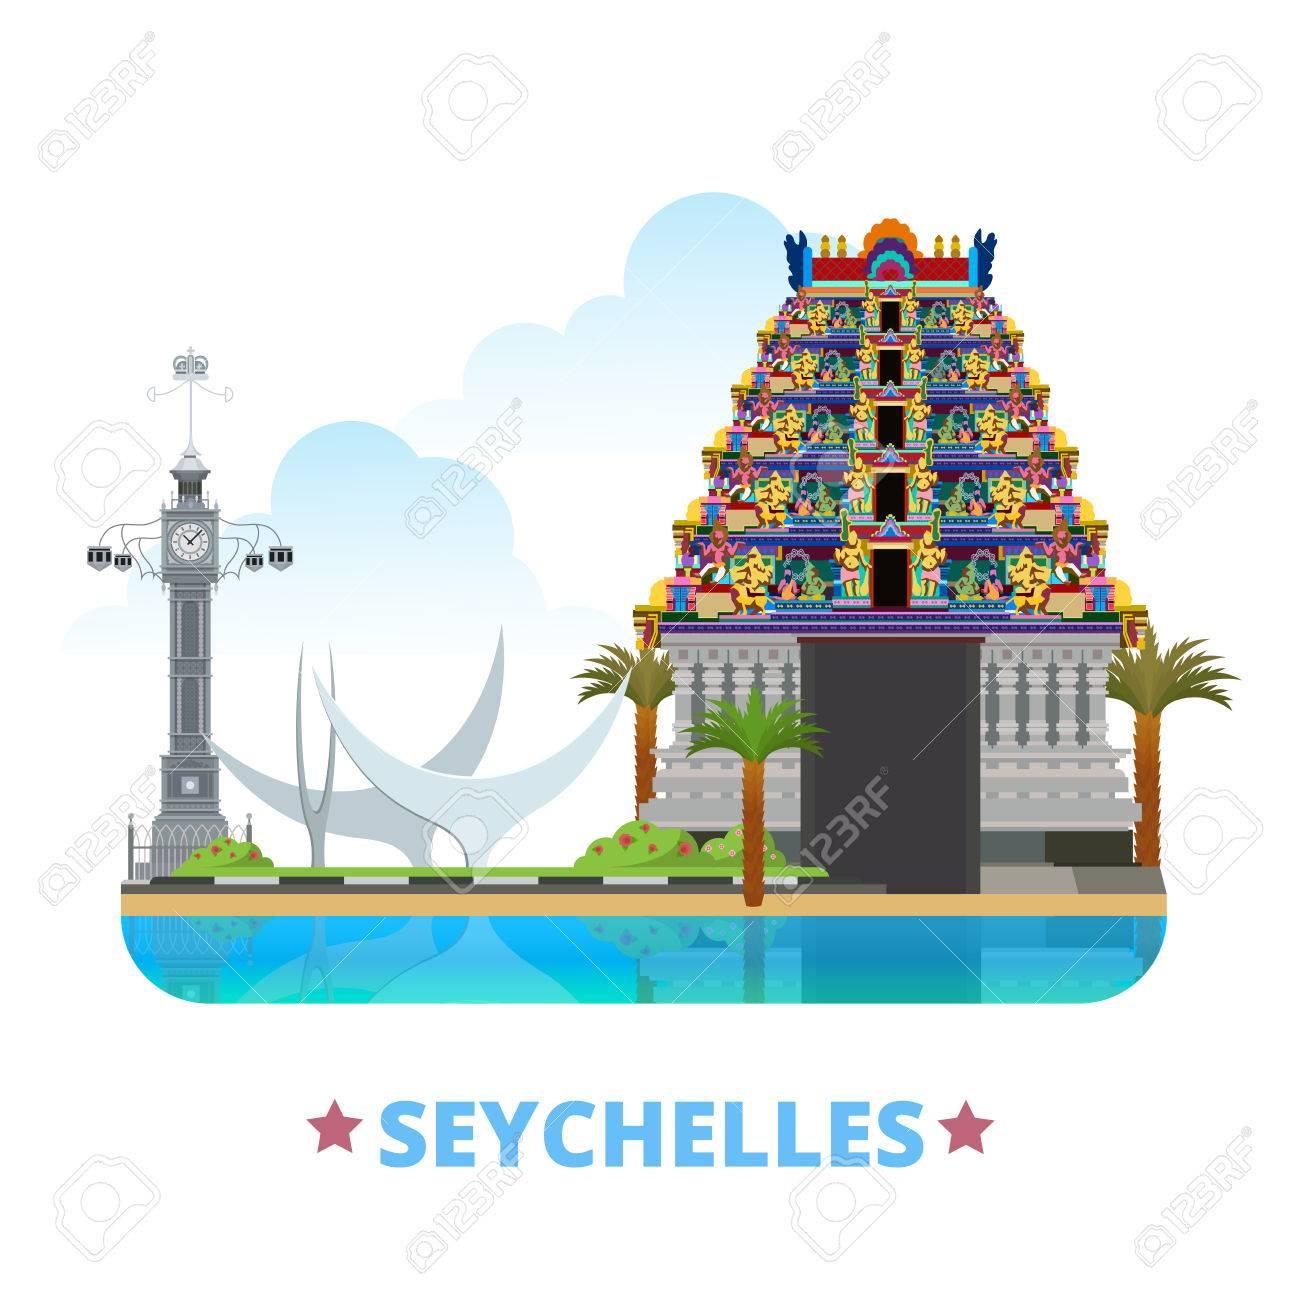 Plantilla De Diseño País Seychelles. Vista Histórico Ilustración ...